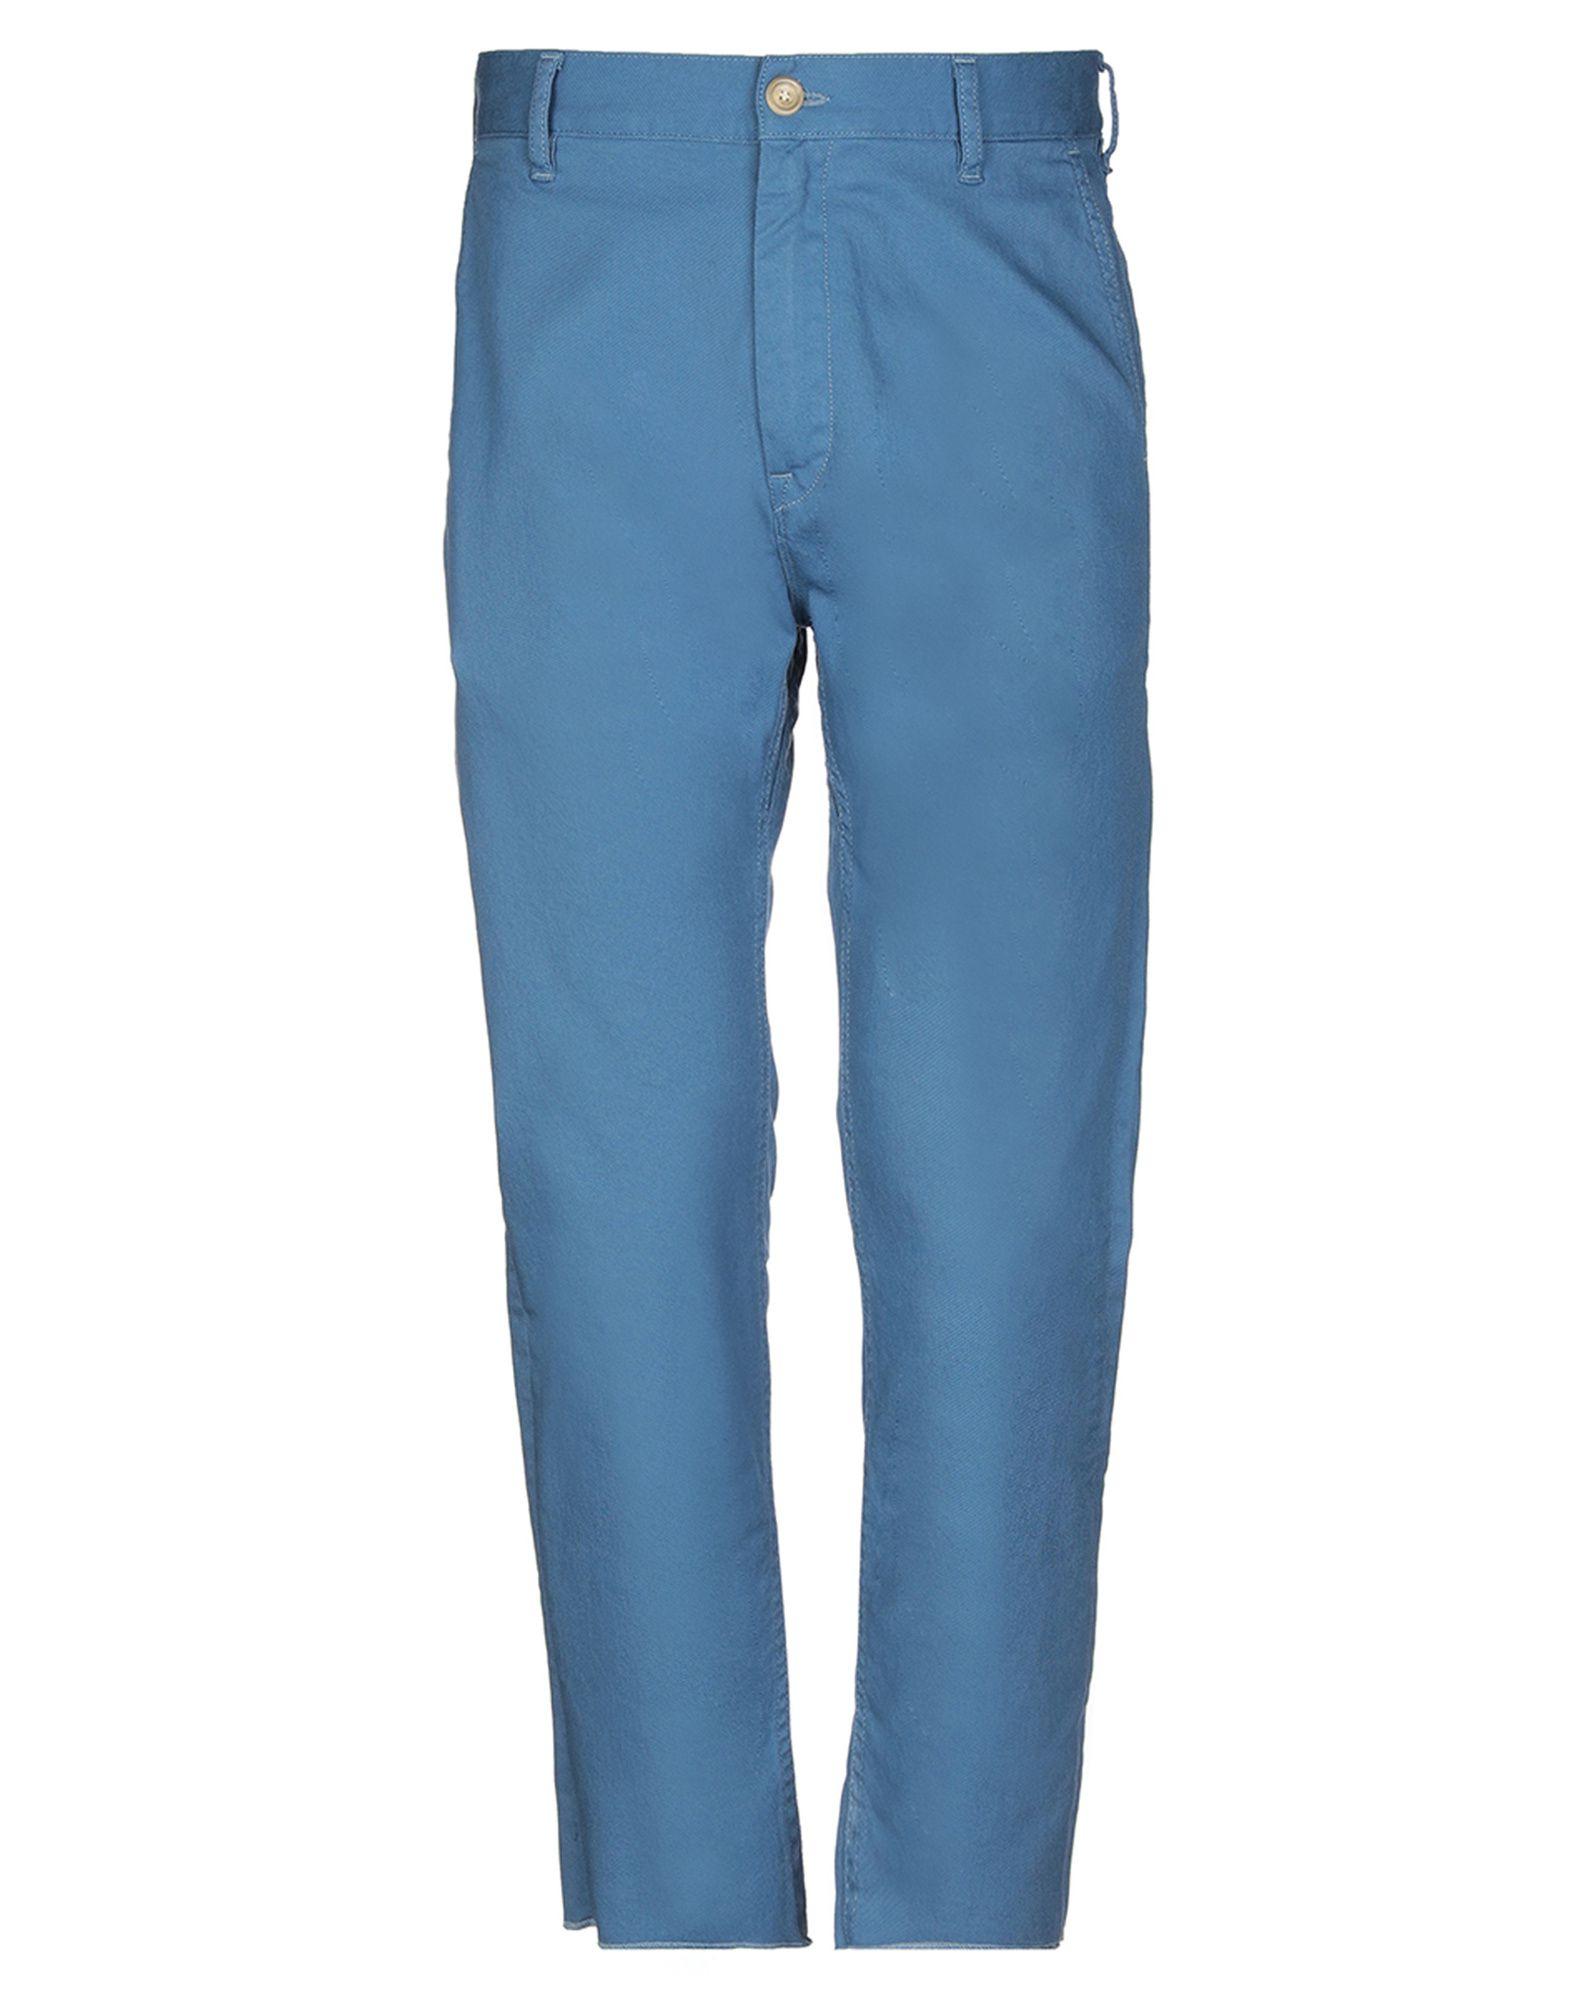 COVERT Повседневные брюки брюки утепленные мужские burton covert pant цвет черный 13139103001 размер l 48 50